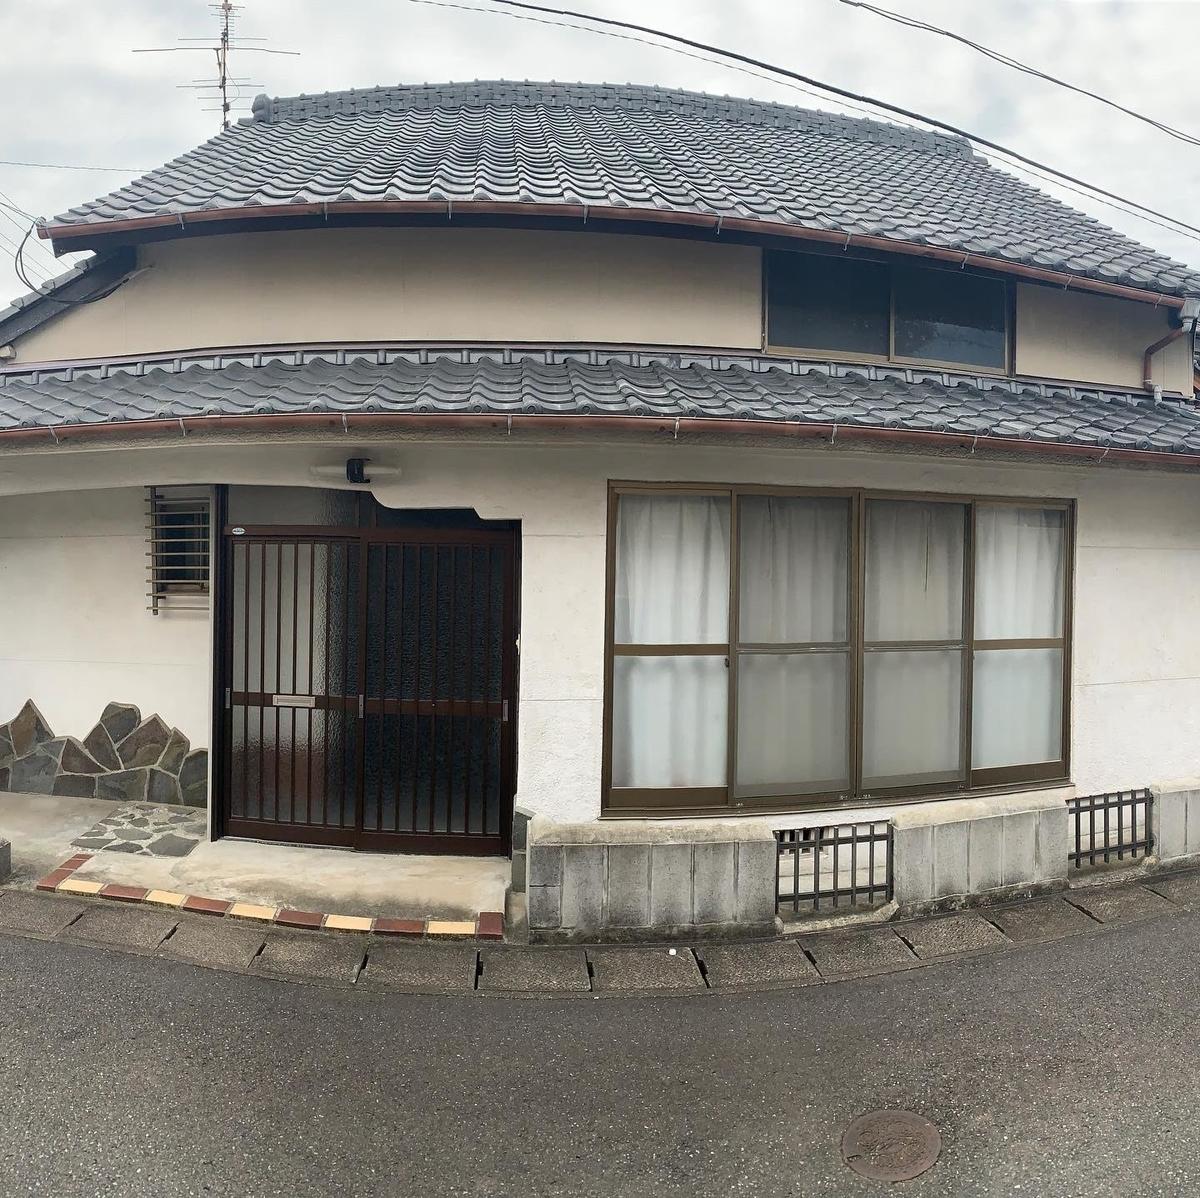 f:id:umisuki-ikka:20191207130222j:plain